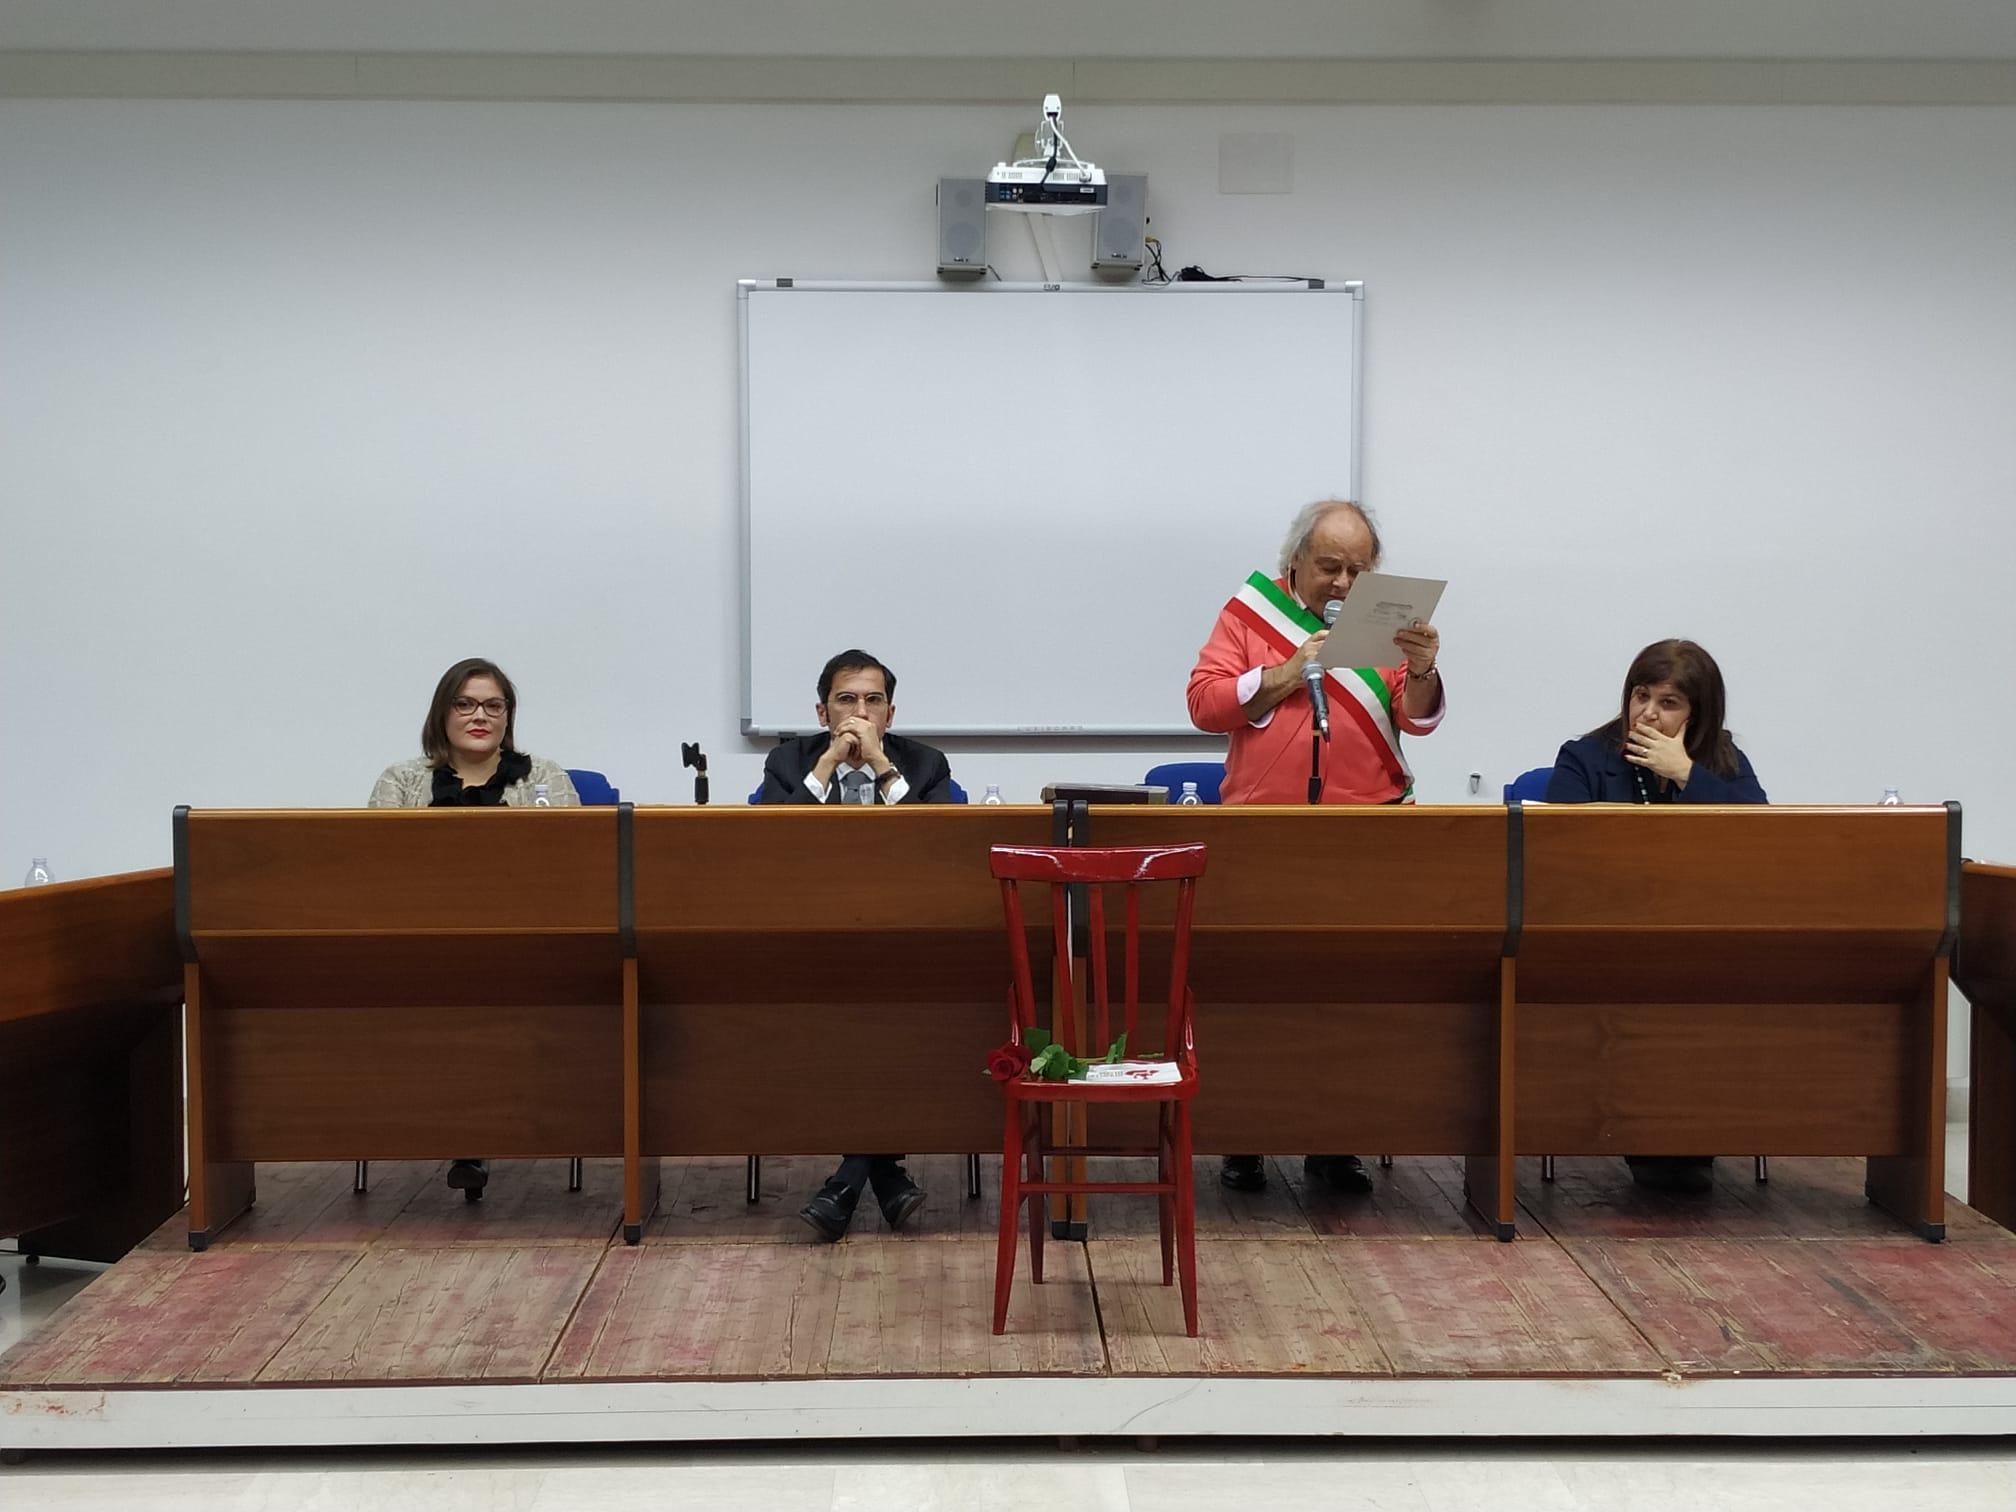 Marina Gioiosa, via all'era-Femia. «Ricostruire il senso di comunità»